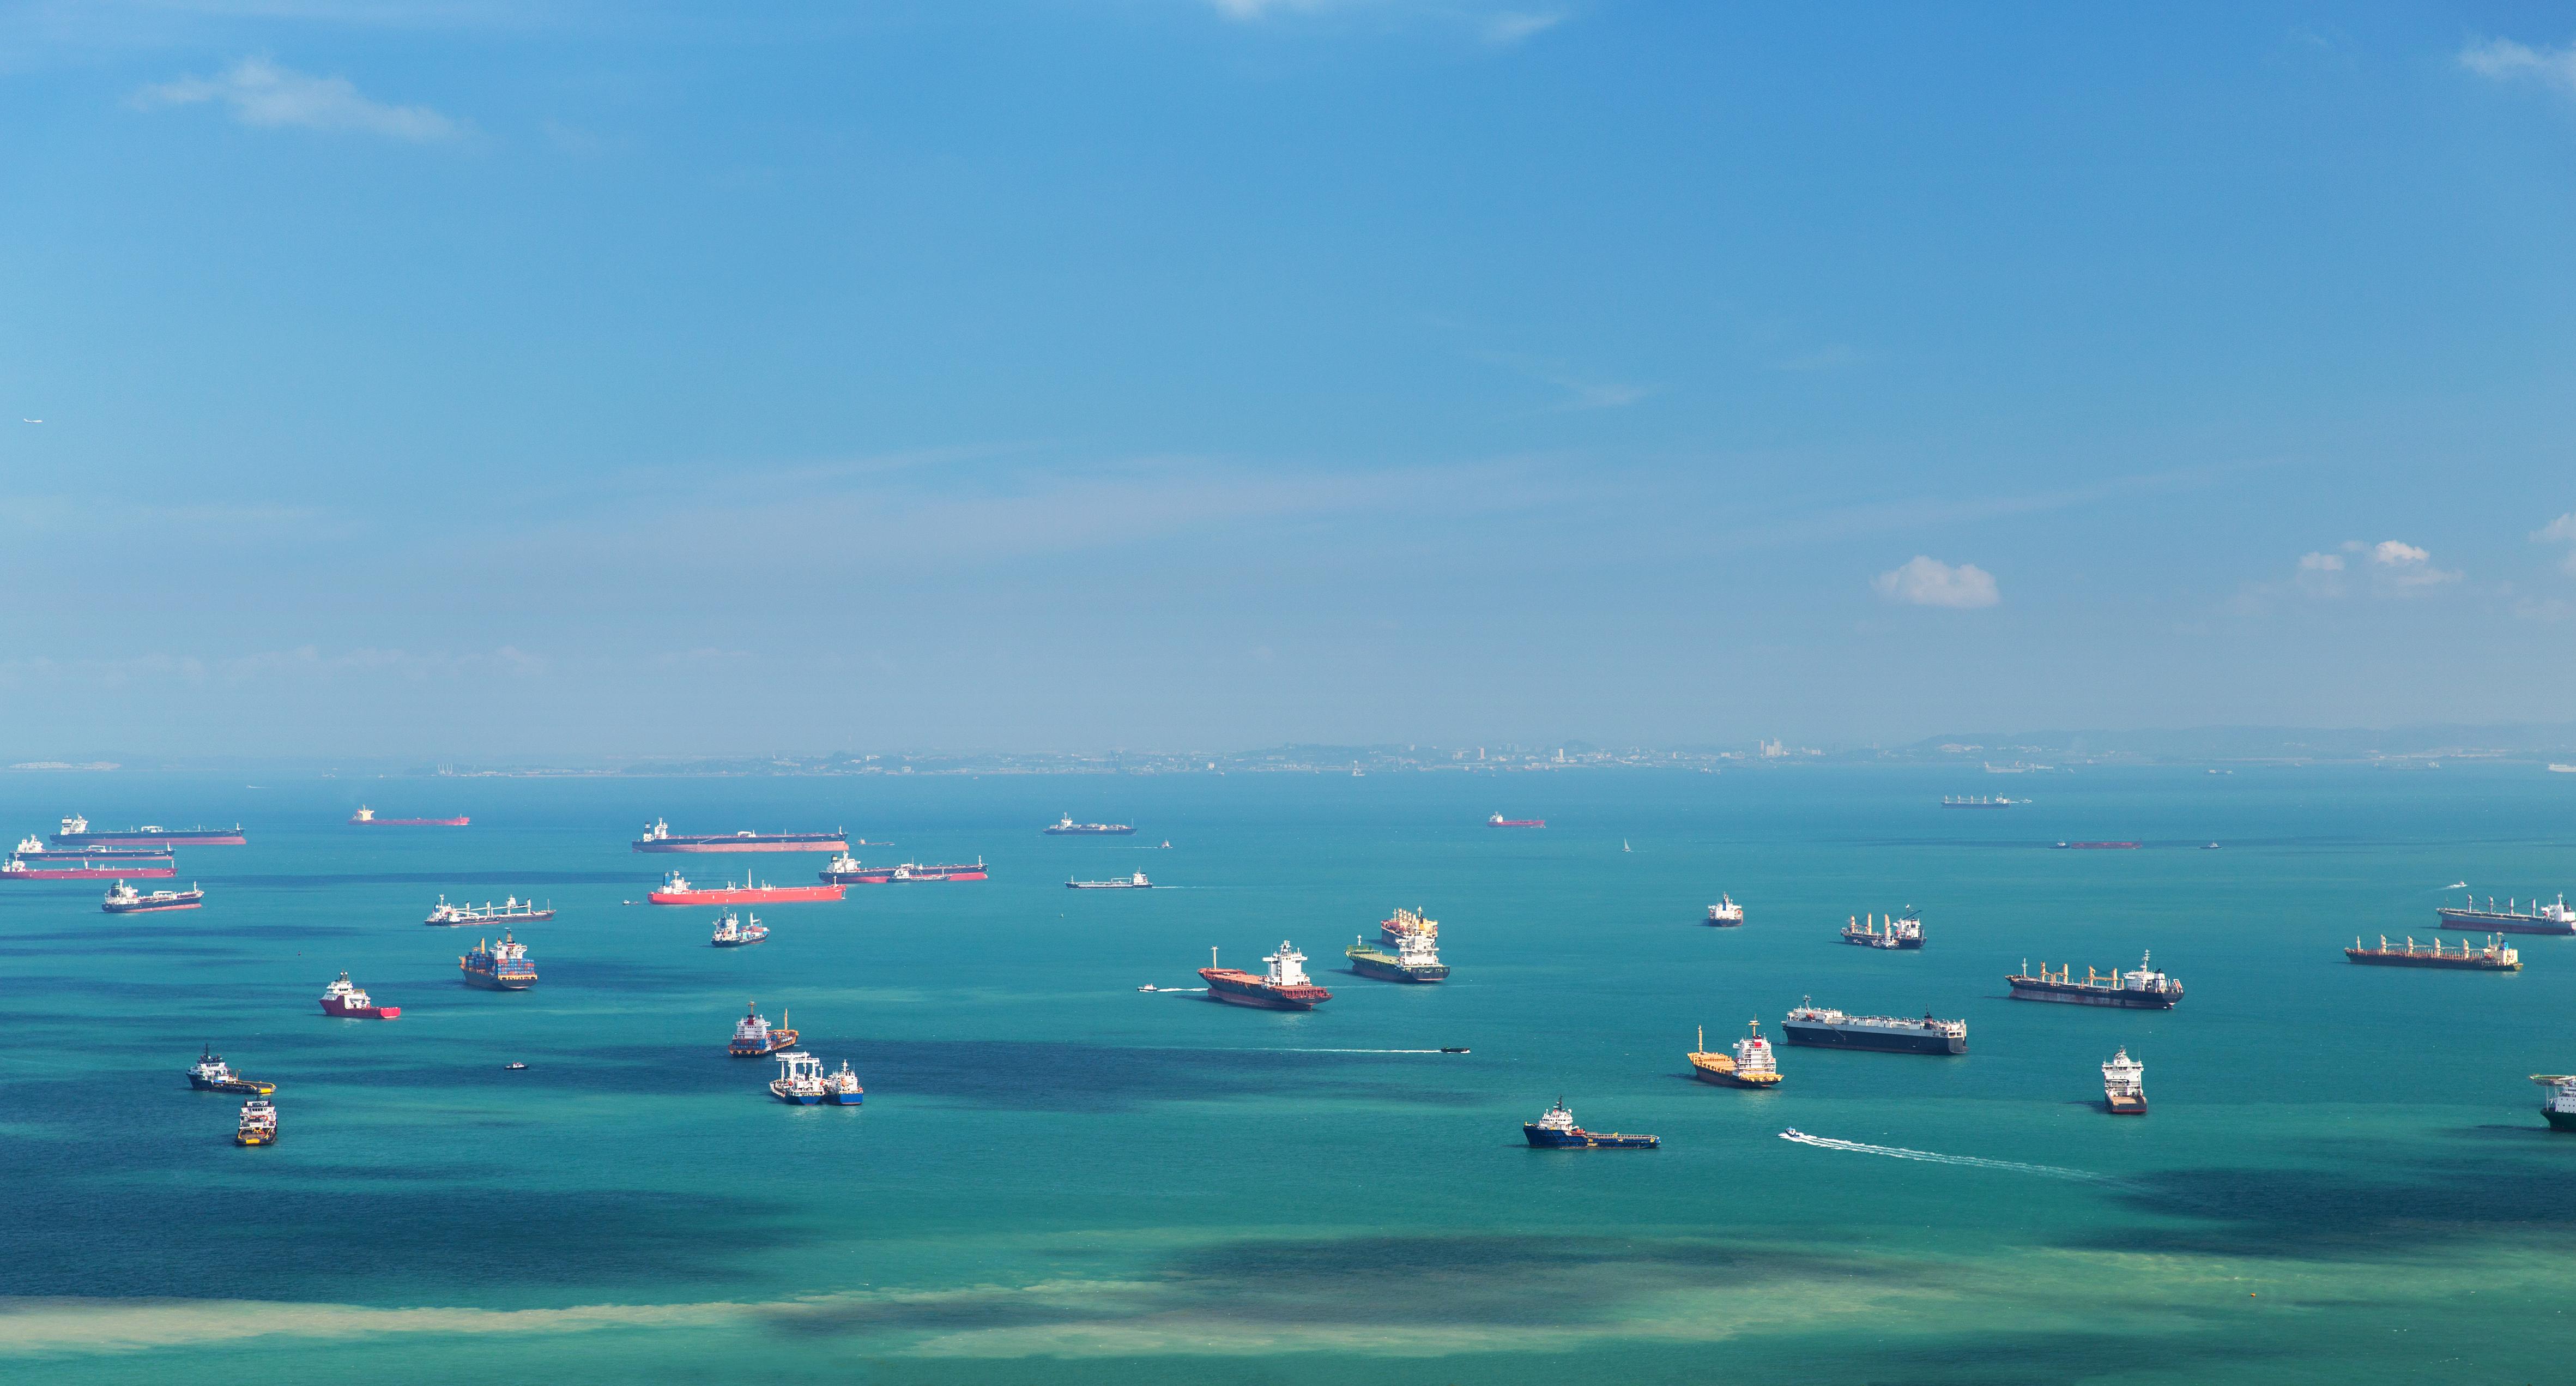 Thời cơ đưa Phú Mỹ vươn lên thành thương cảng hàng đầu Đông Nam Á.